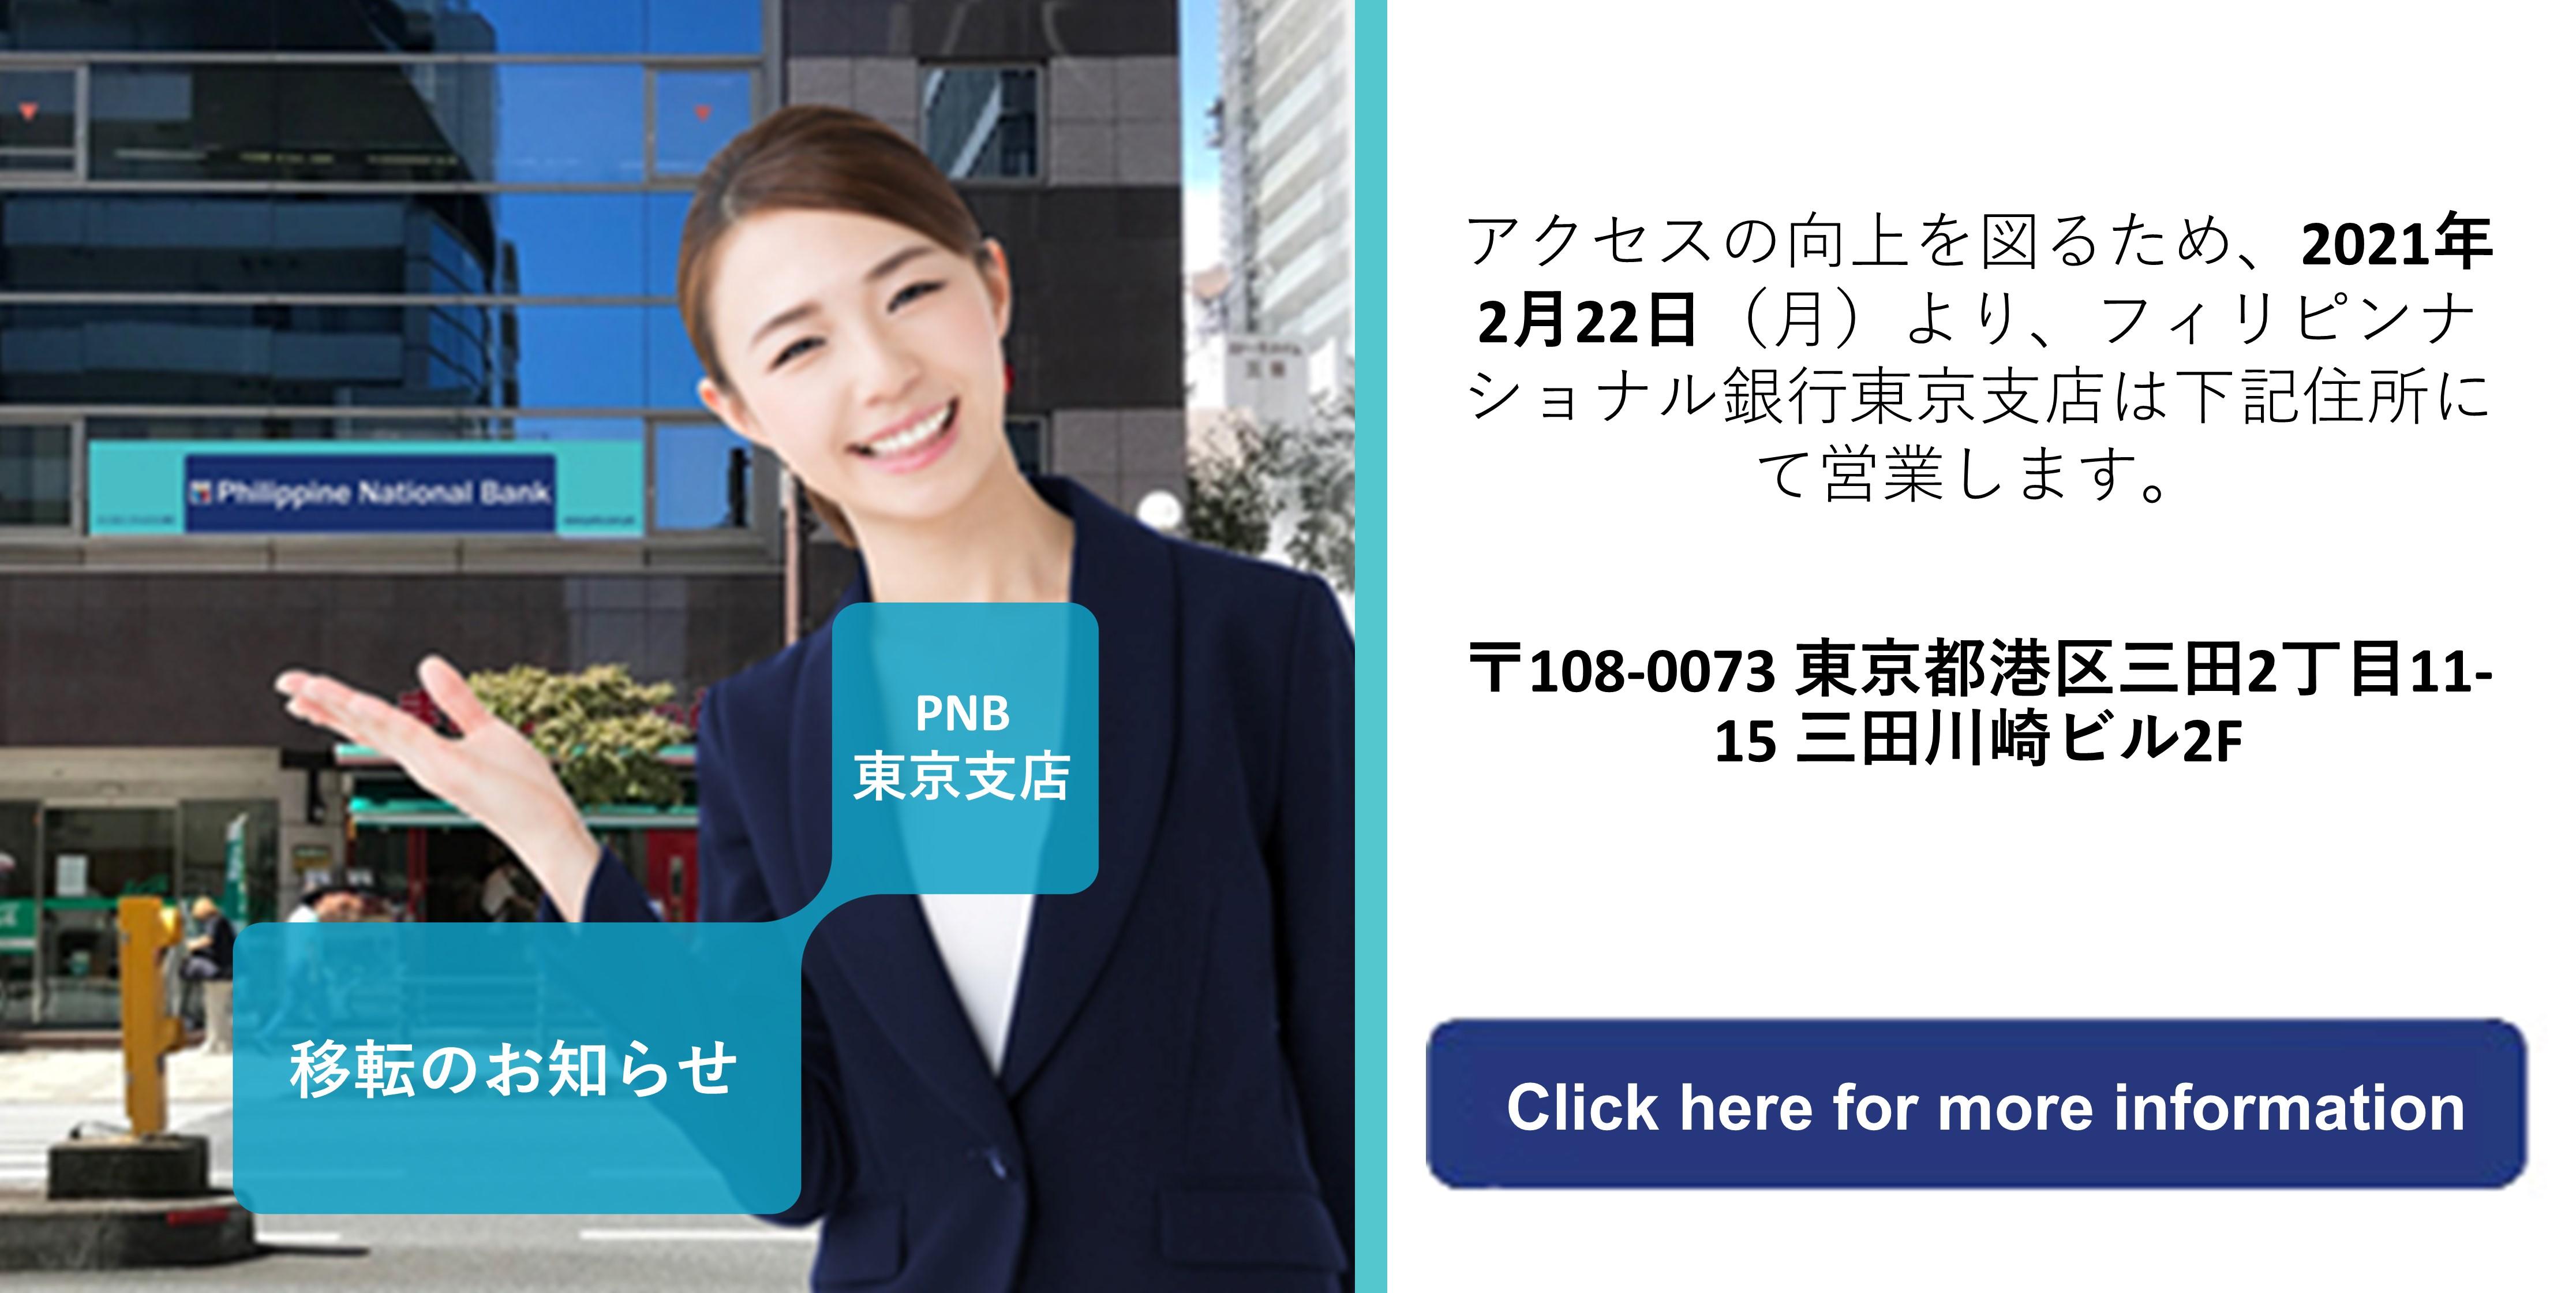 pnb-japan-tokyo-relocation-dec2020-jp